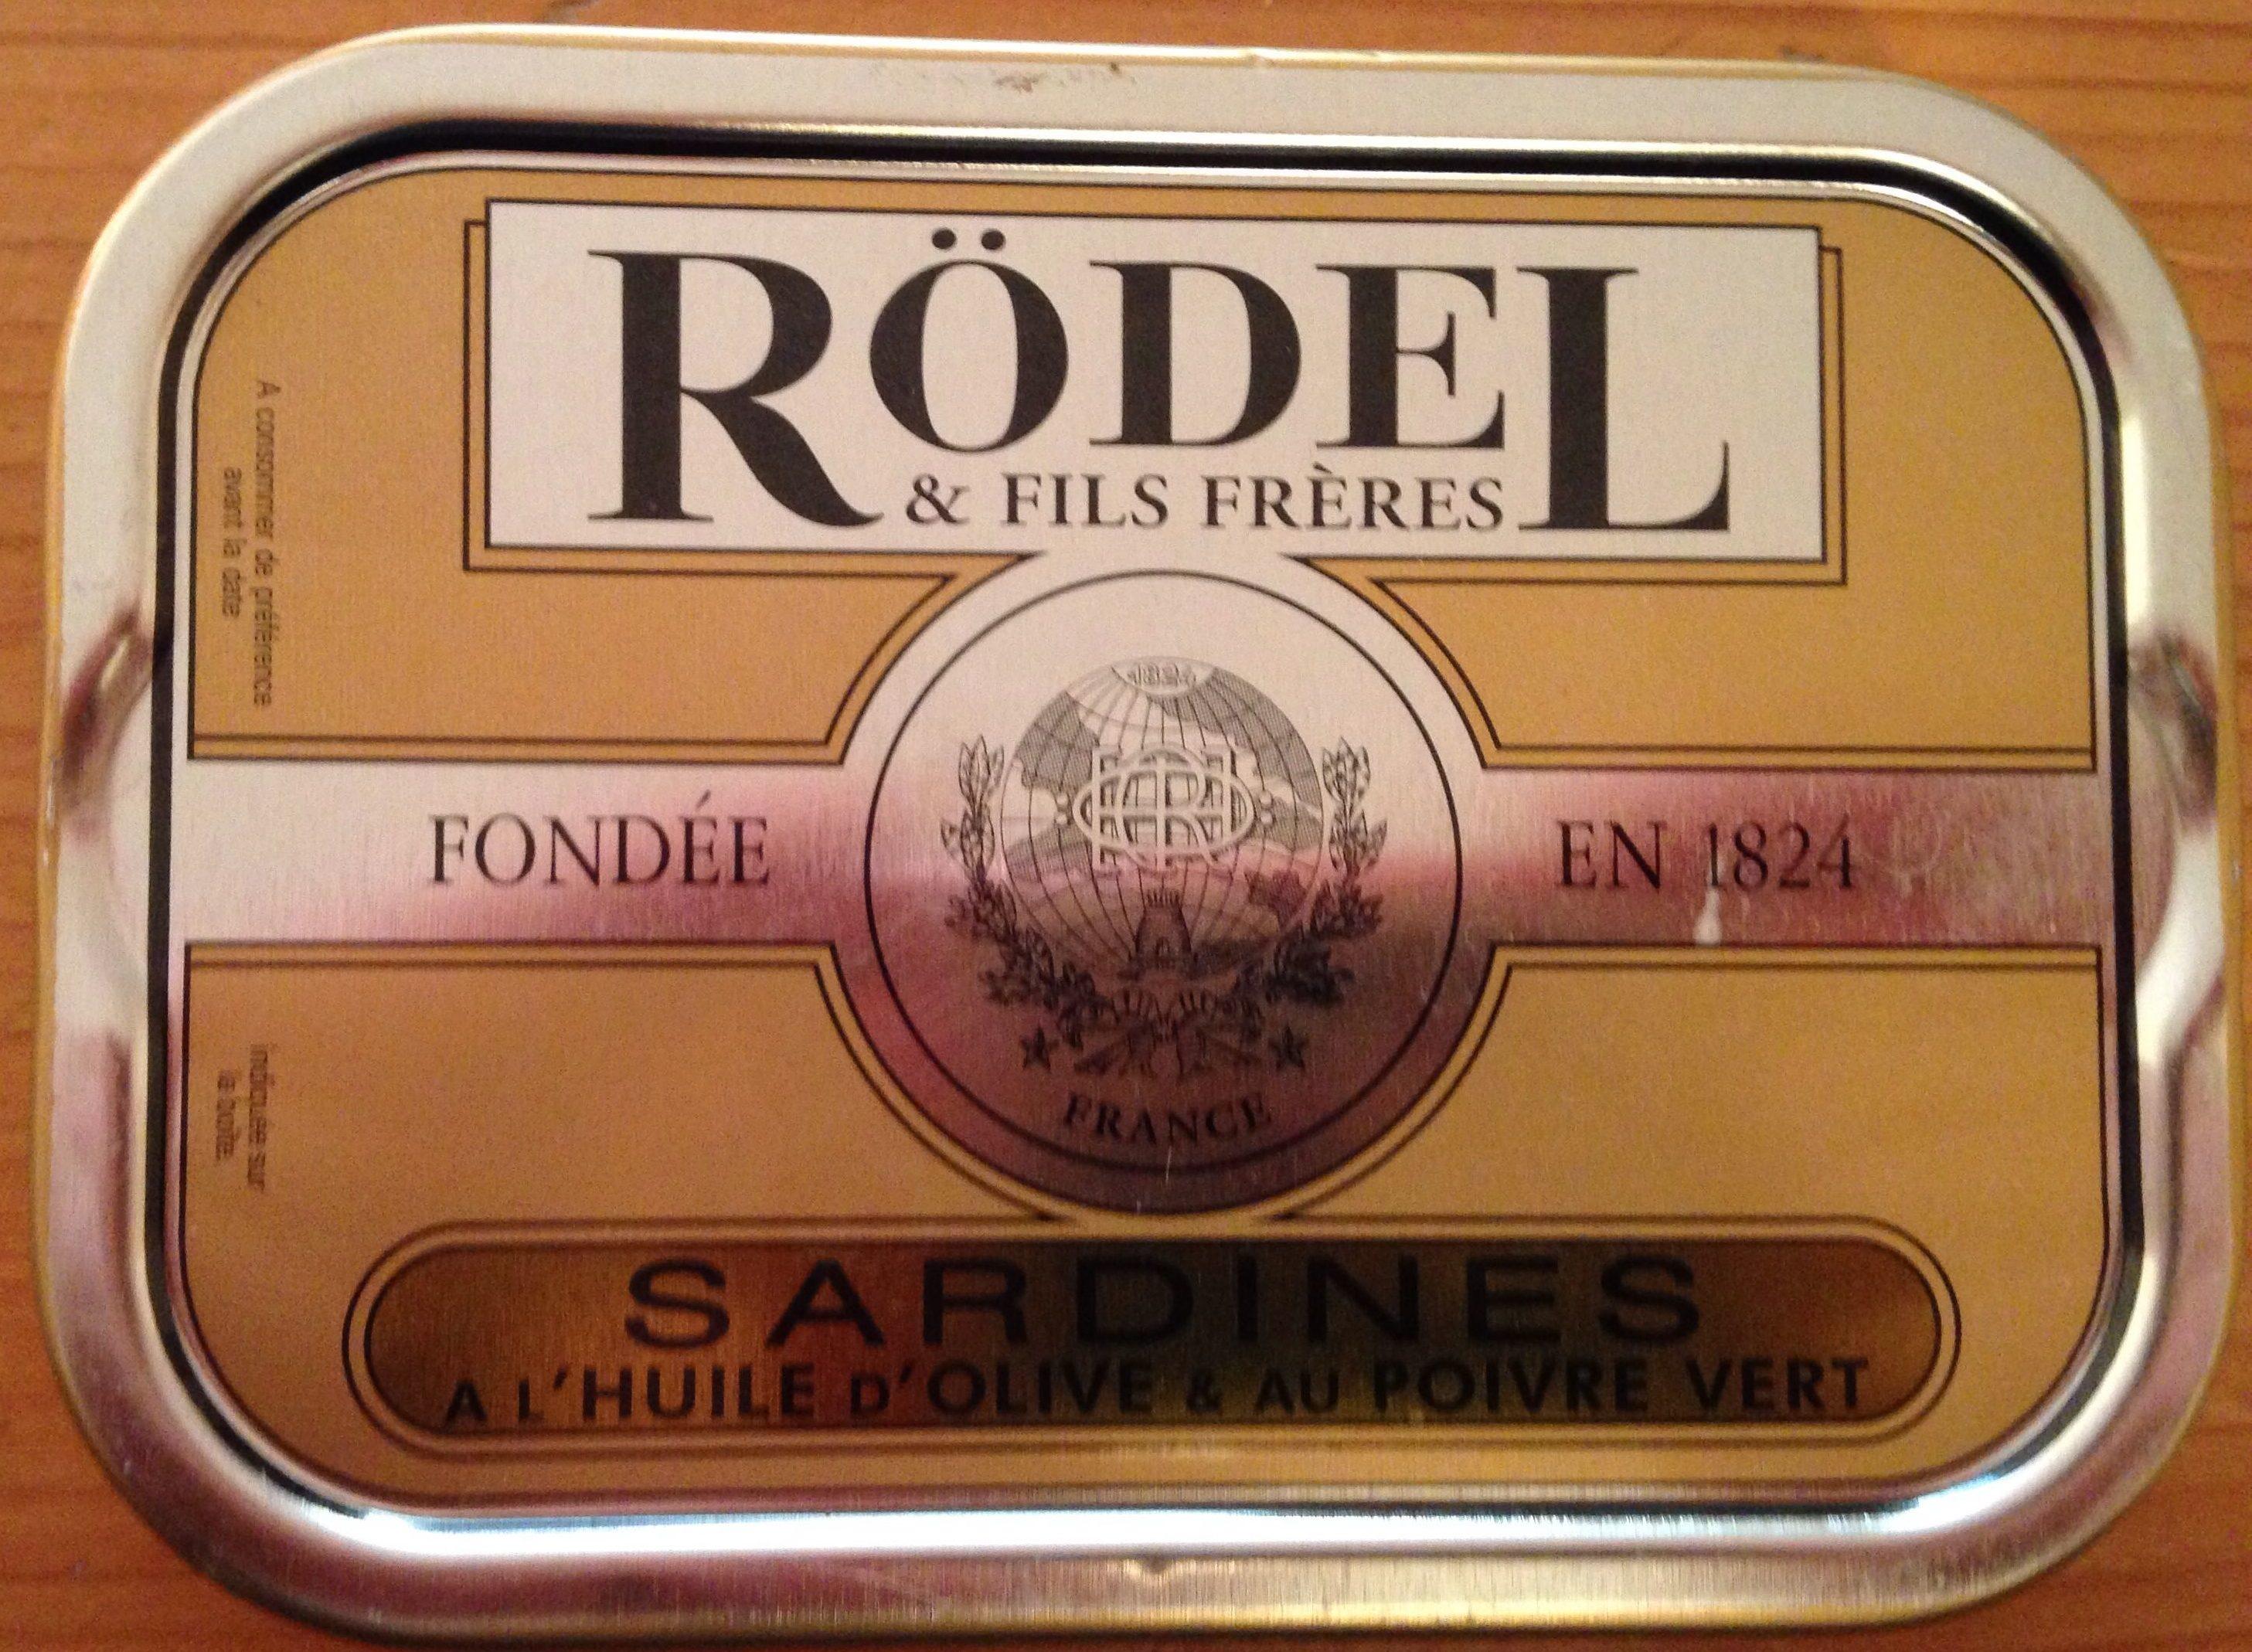 Sardines à L'huile D'olive Et Au Poivre Vert - Produit - fr